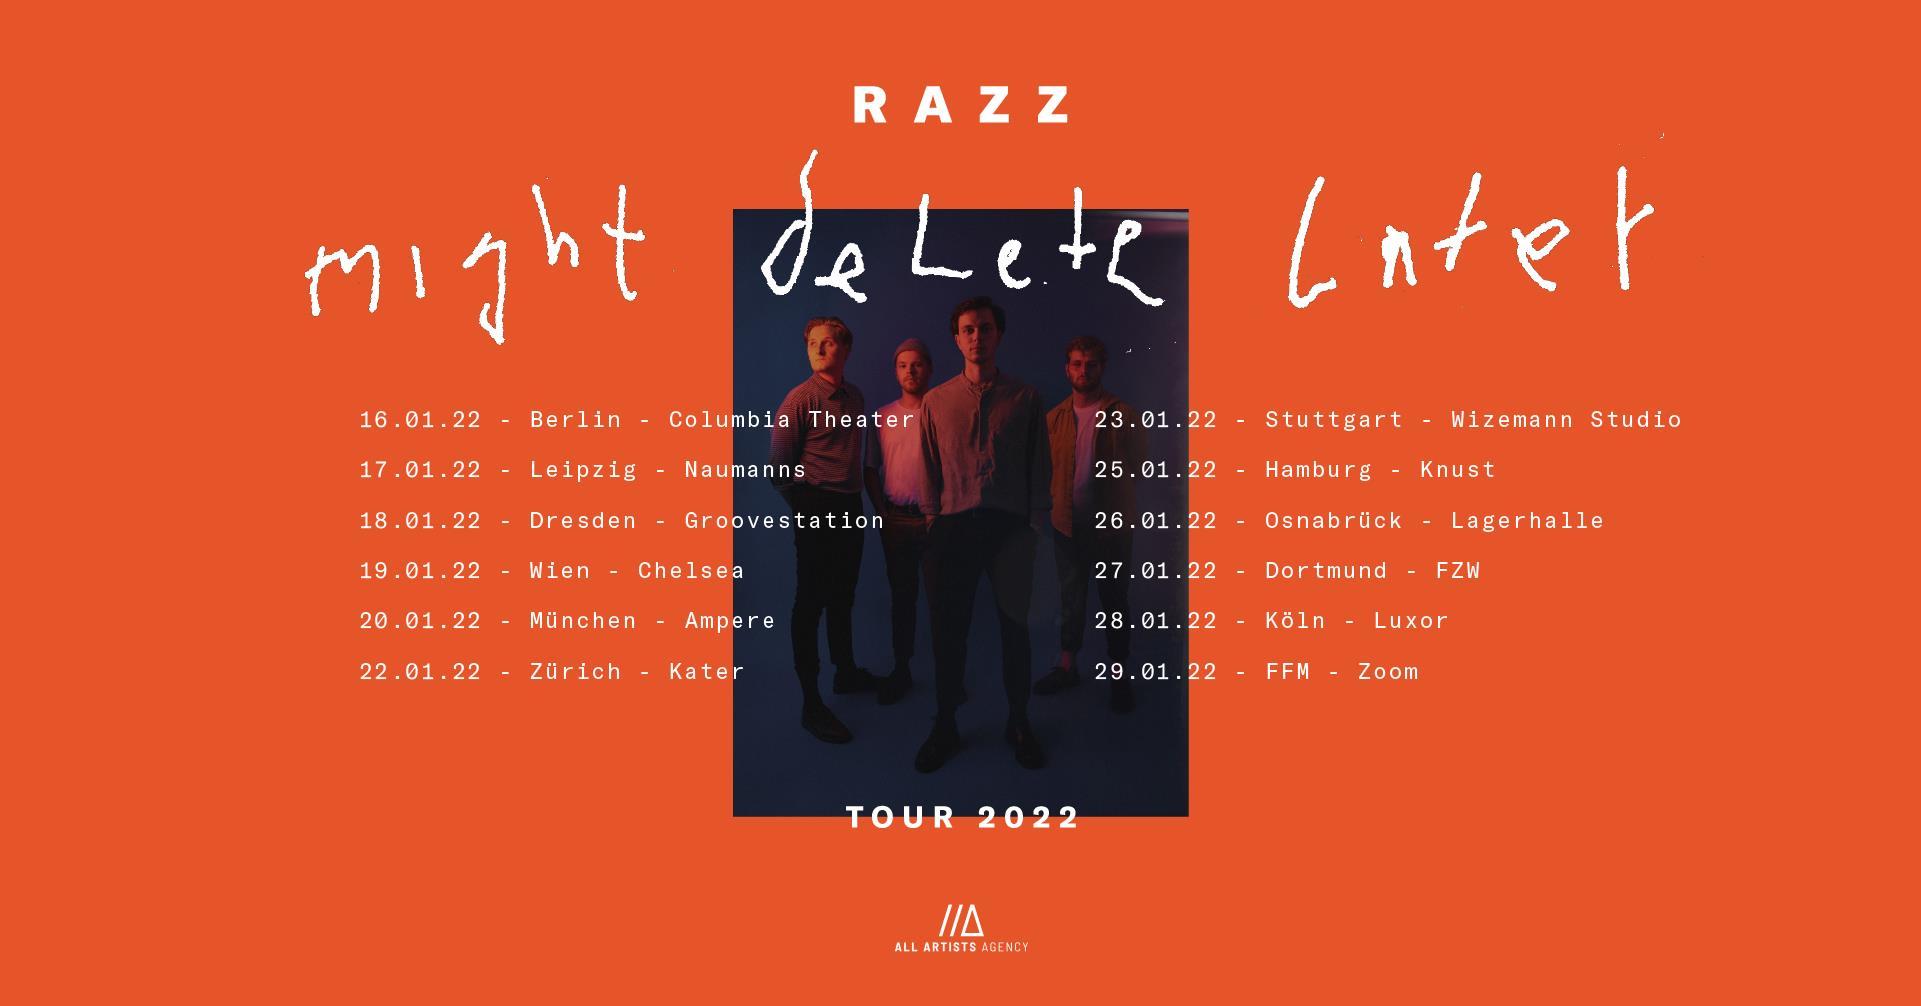 RAZZ - Might Delete Later Tour